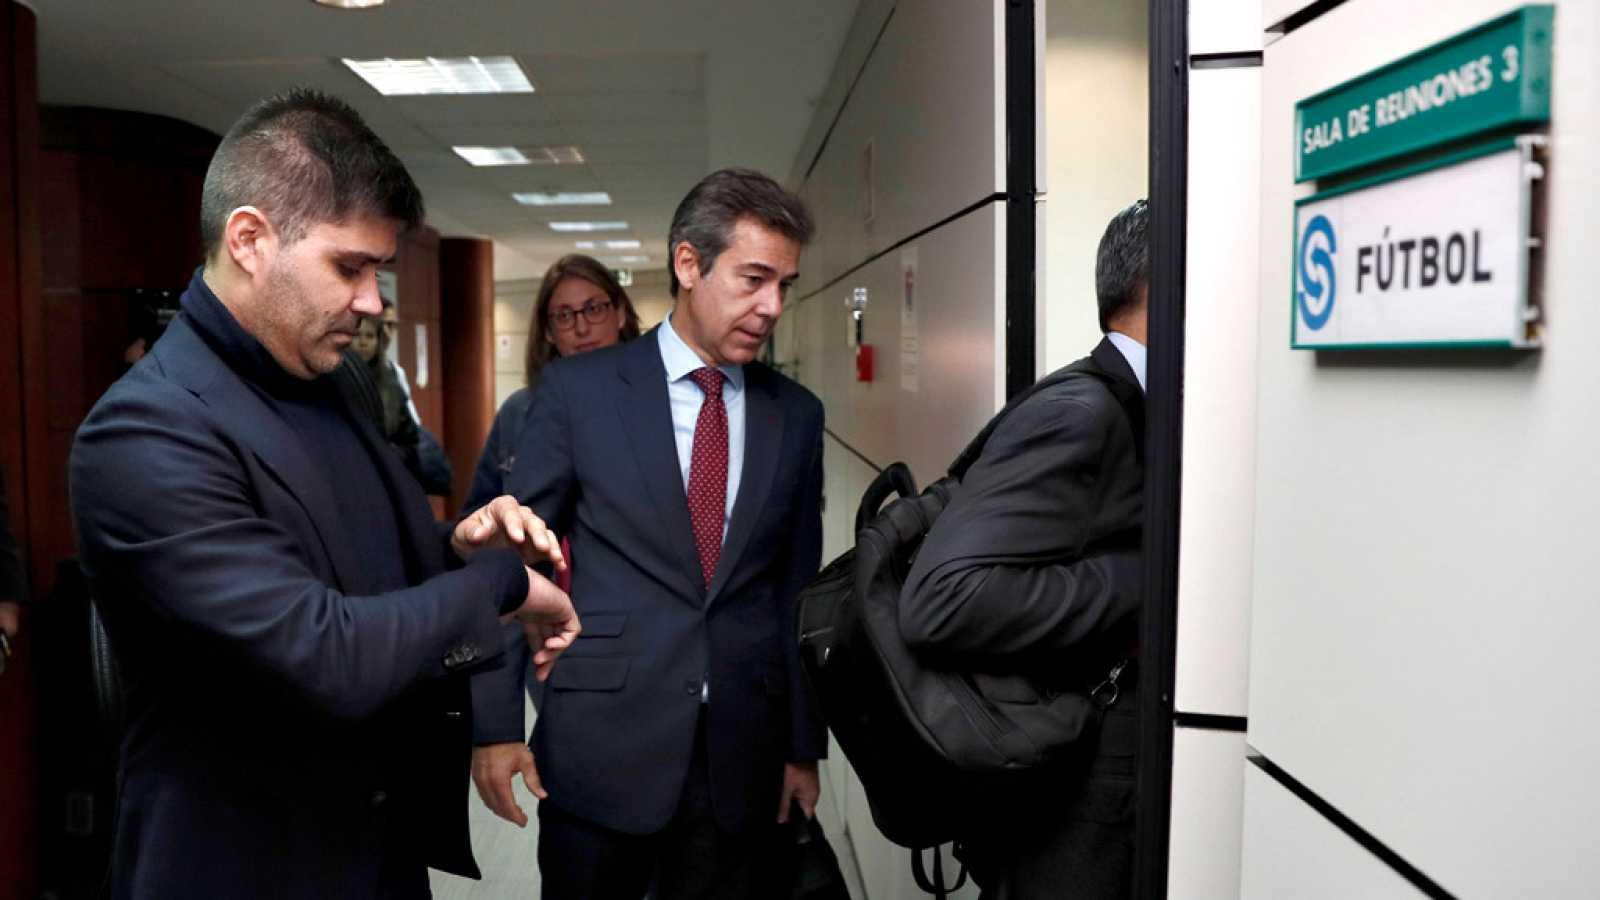 Las futbolistas de la Primera Iberdrola irán a la huelga  indefinida desde el 16 y 17 de noviembre, fecha de la novena jornada,  después de que sindicatos y patronal no alcanzasen un acuerdo en el  Servicio Interconfederal de Mediación y Arbitraje (S